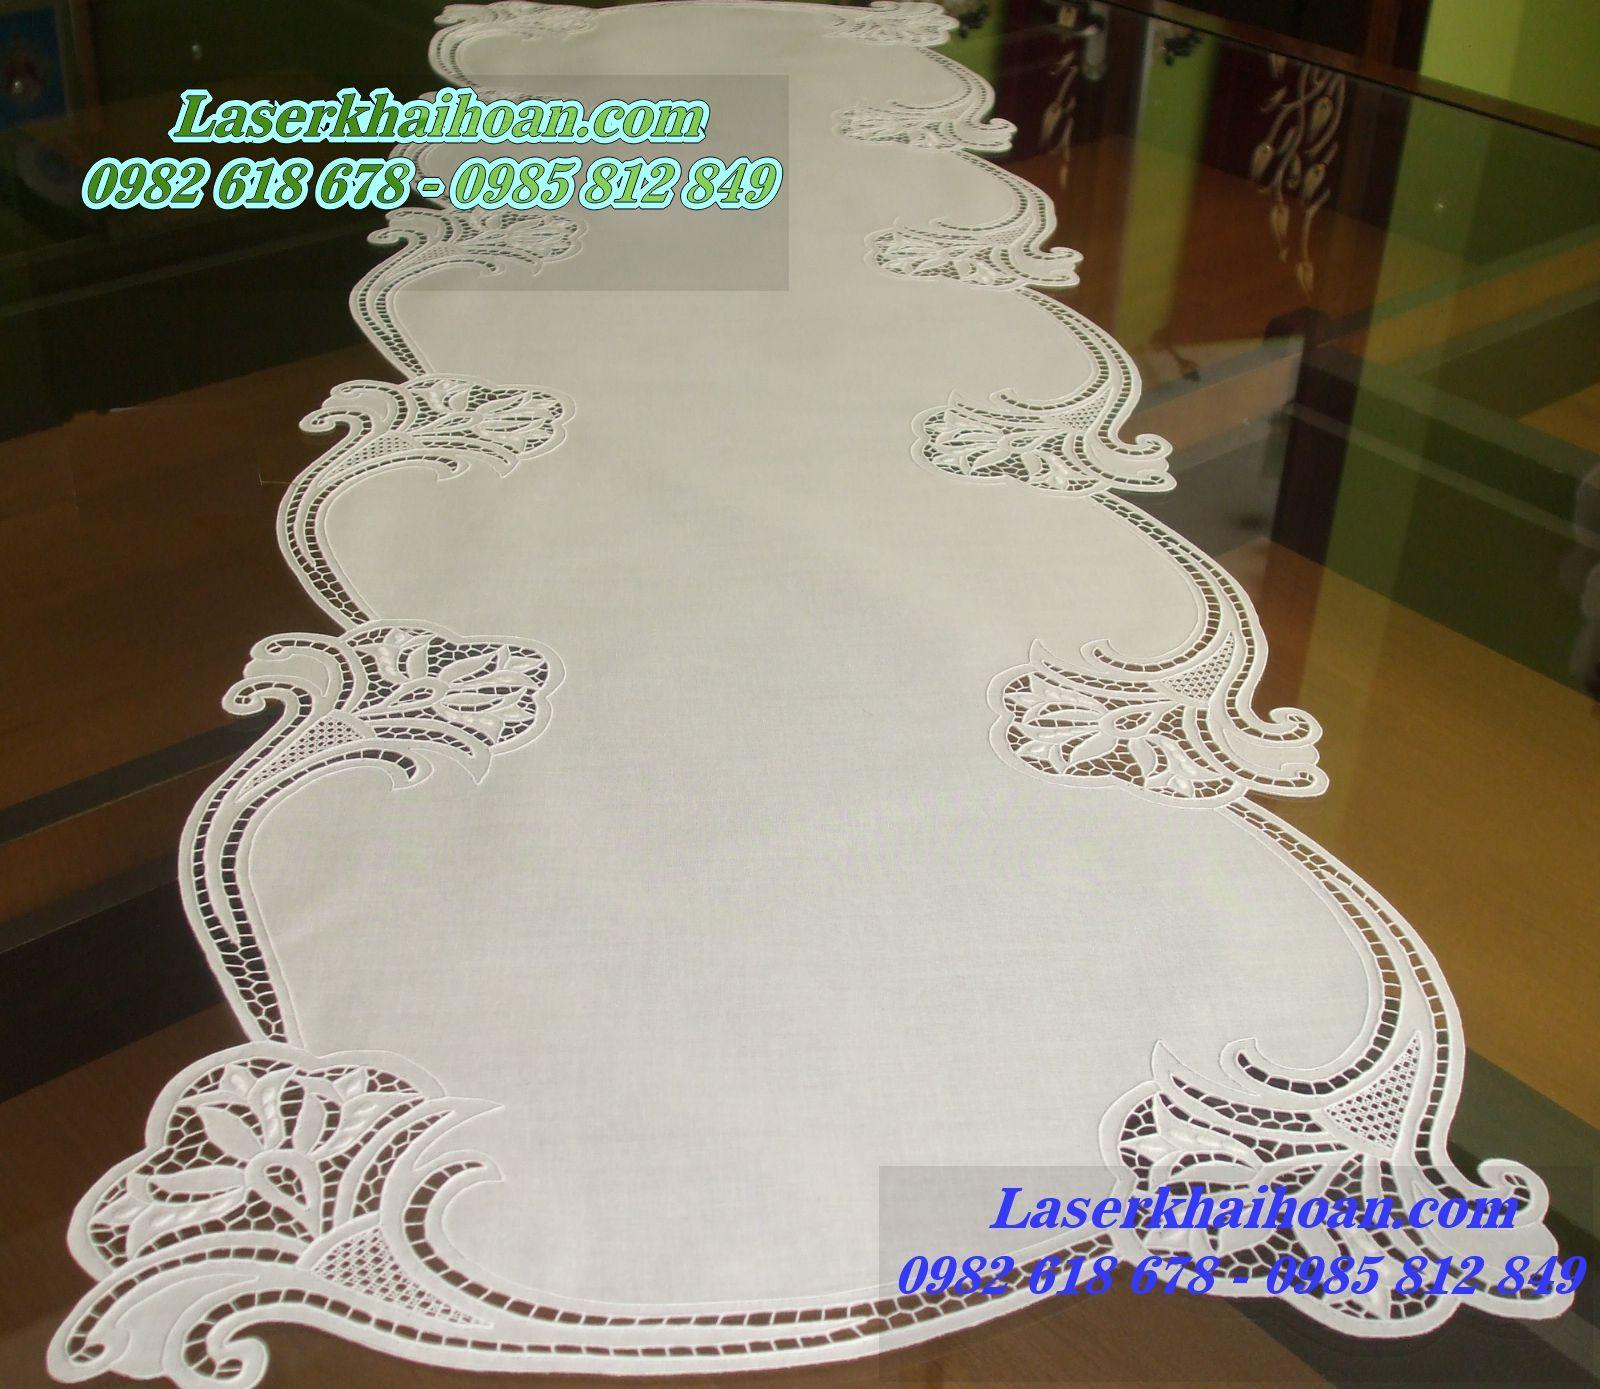 Cắt laser trên vải làm khăn trải bàn đẹp